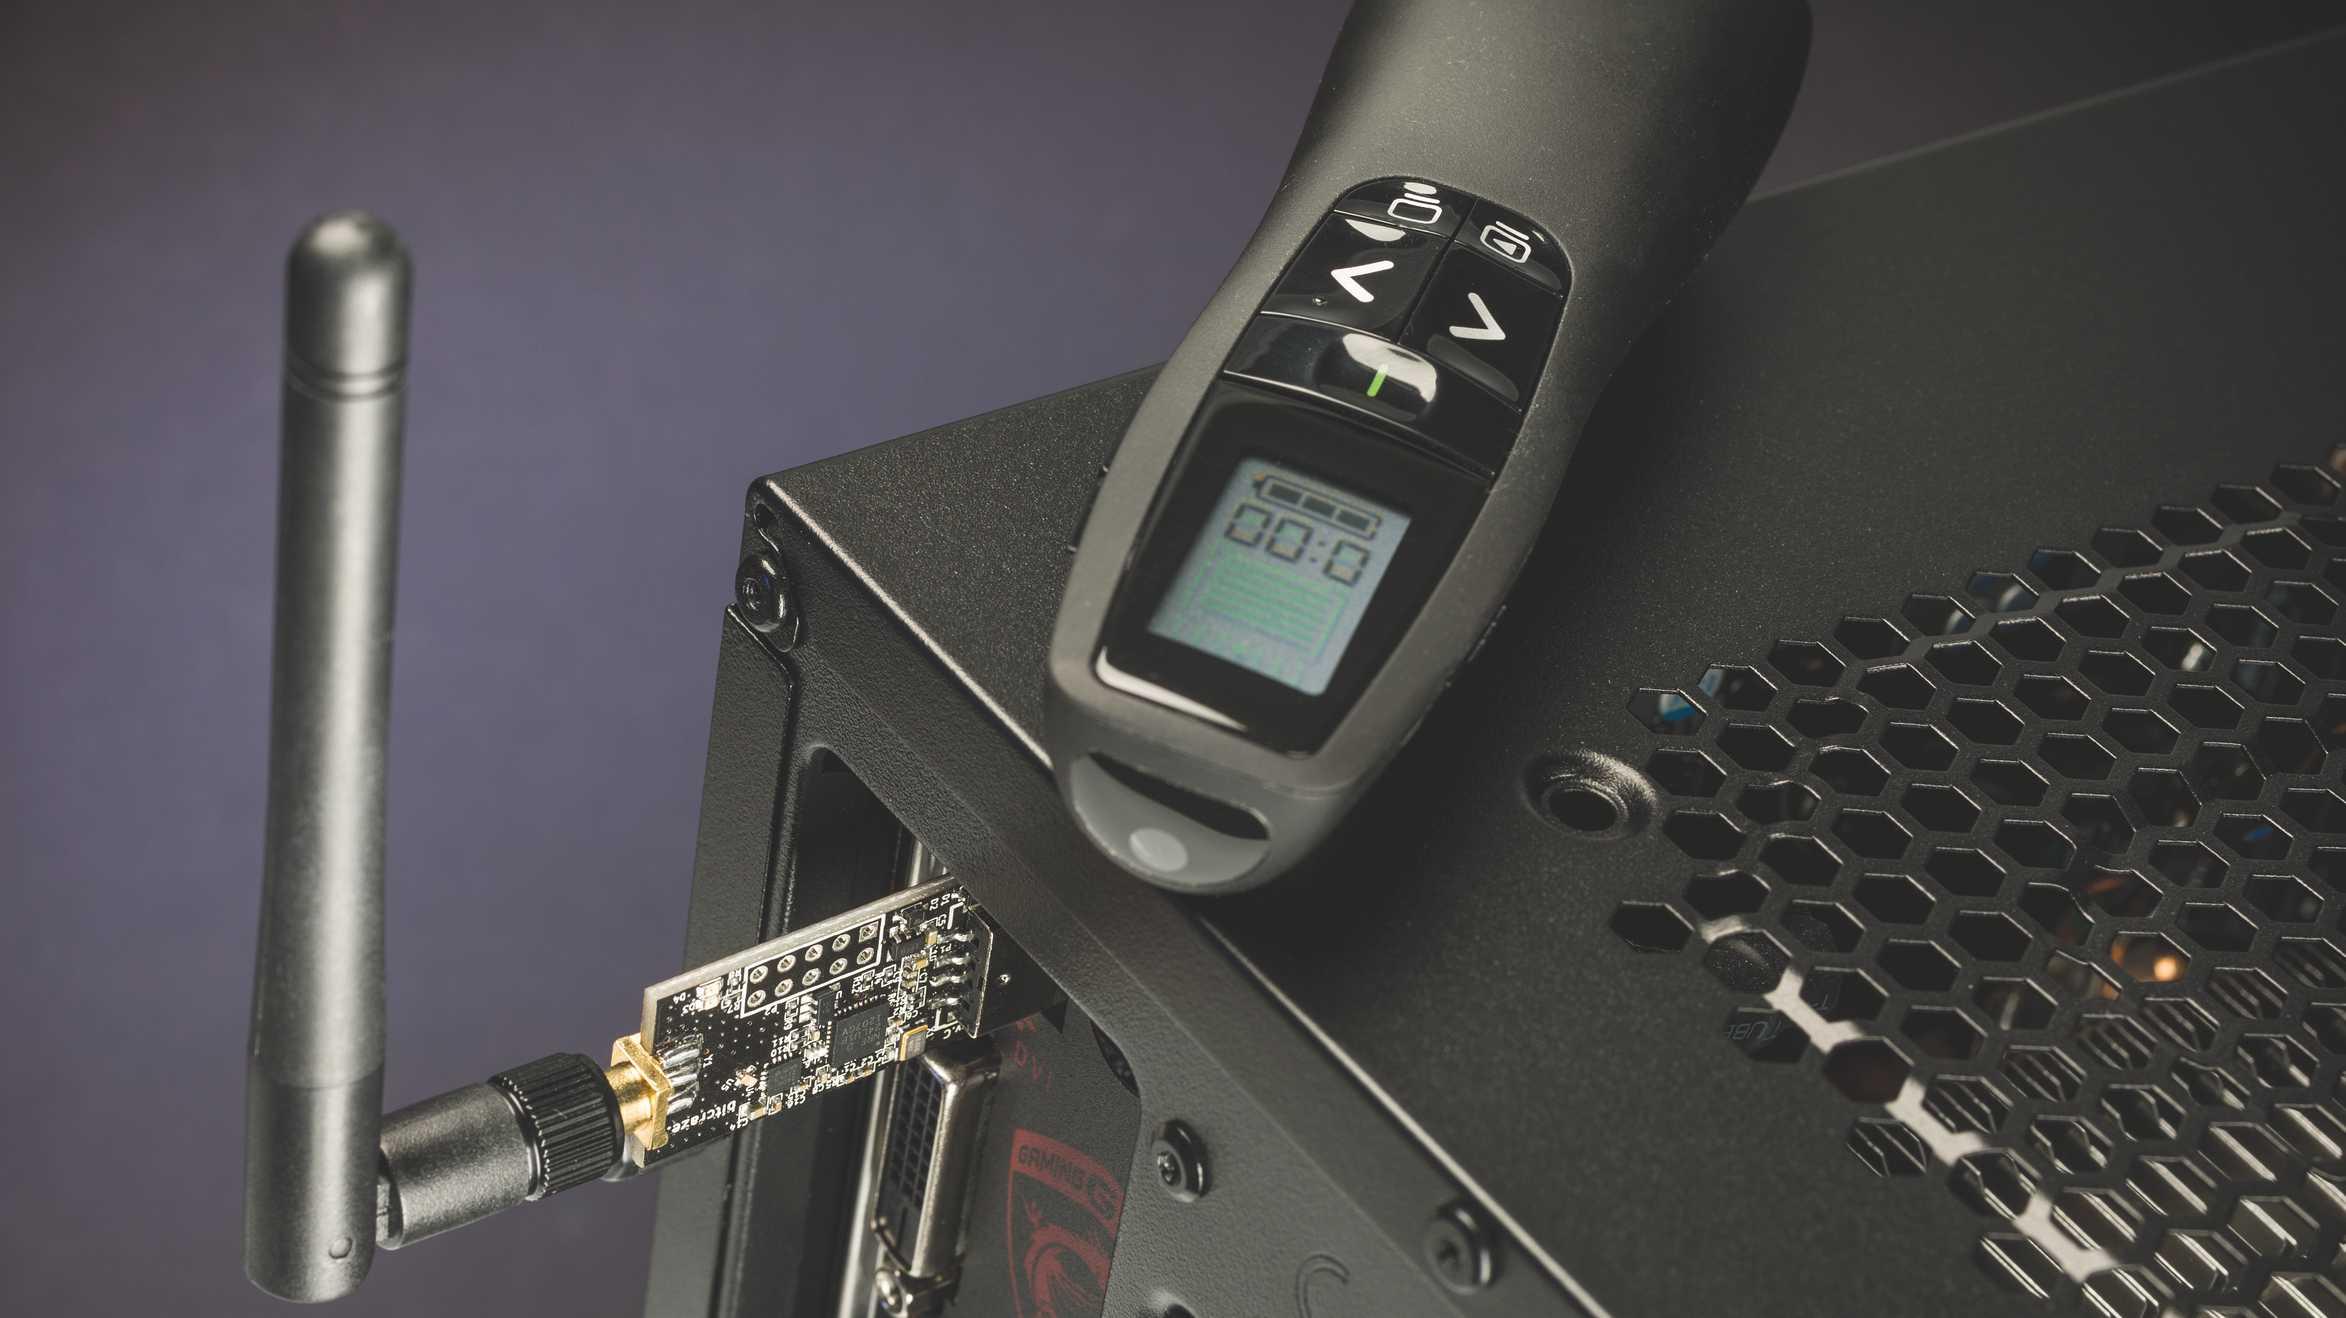 Angreifbare Logitech Presenter: Hersteller tauscht gefährliche USB-Empfänger aus